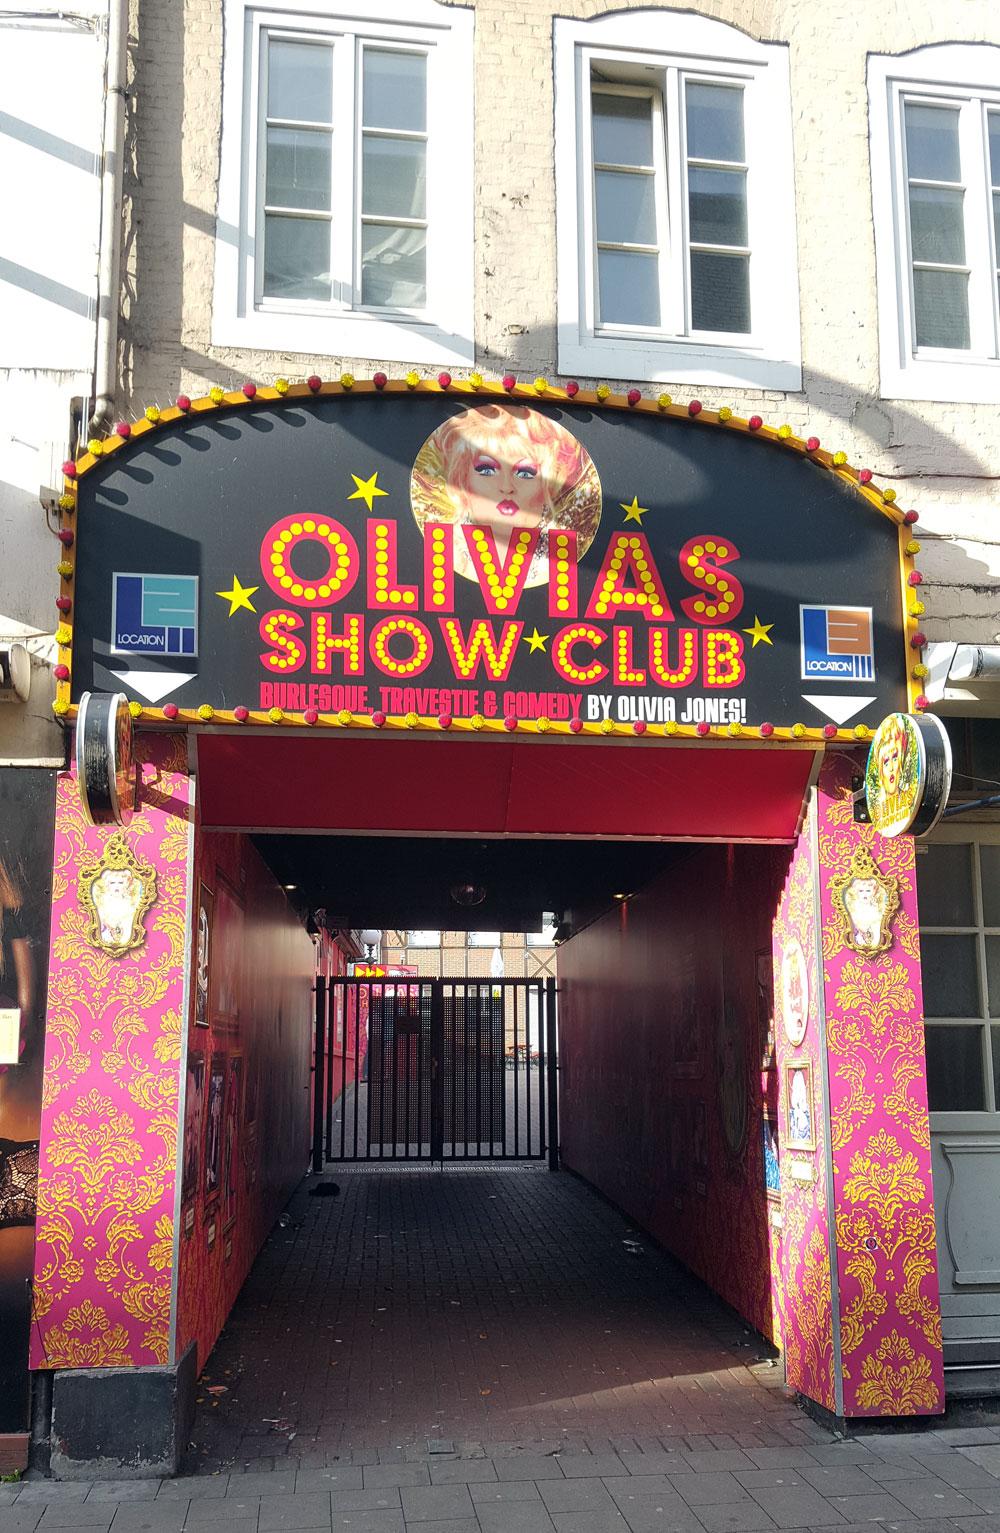 """Eingang des Show-Clubs der Travestiekünstlerin <a href=""""https://de.wikipedia.org/wiki/Olivia_Jones""""> Olivia Hones</a> auf der Großen Freiheit 27"""